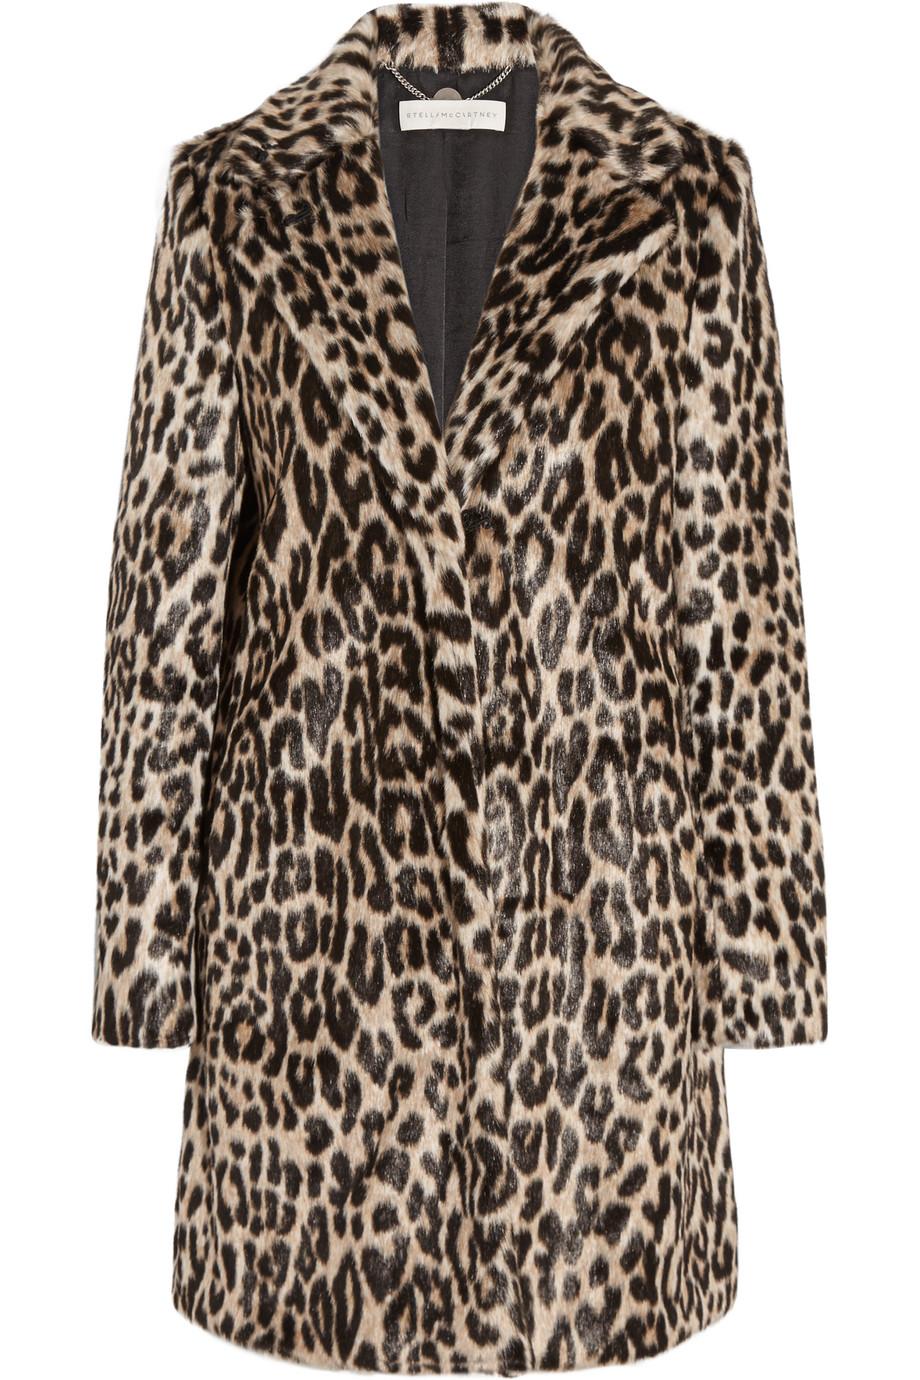 Stella Mccartney Leopard-Print Faux Fur Coat, Leopard Print, Women's, Size: 38